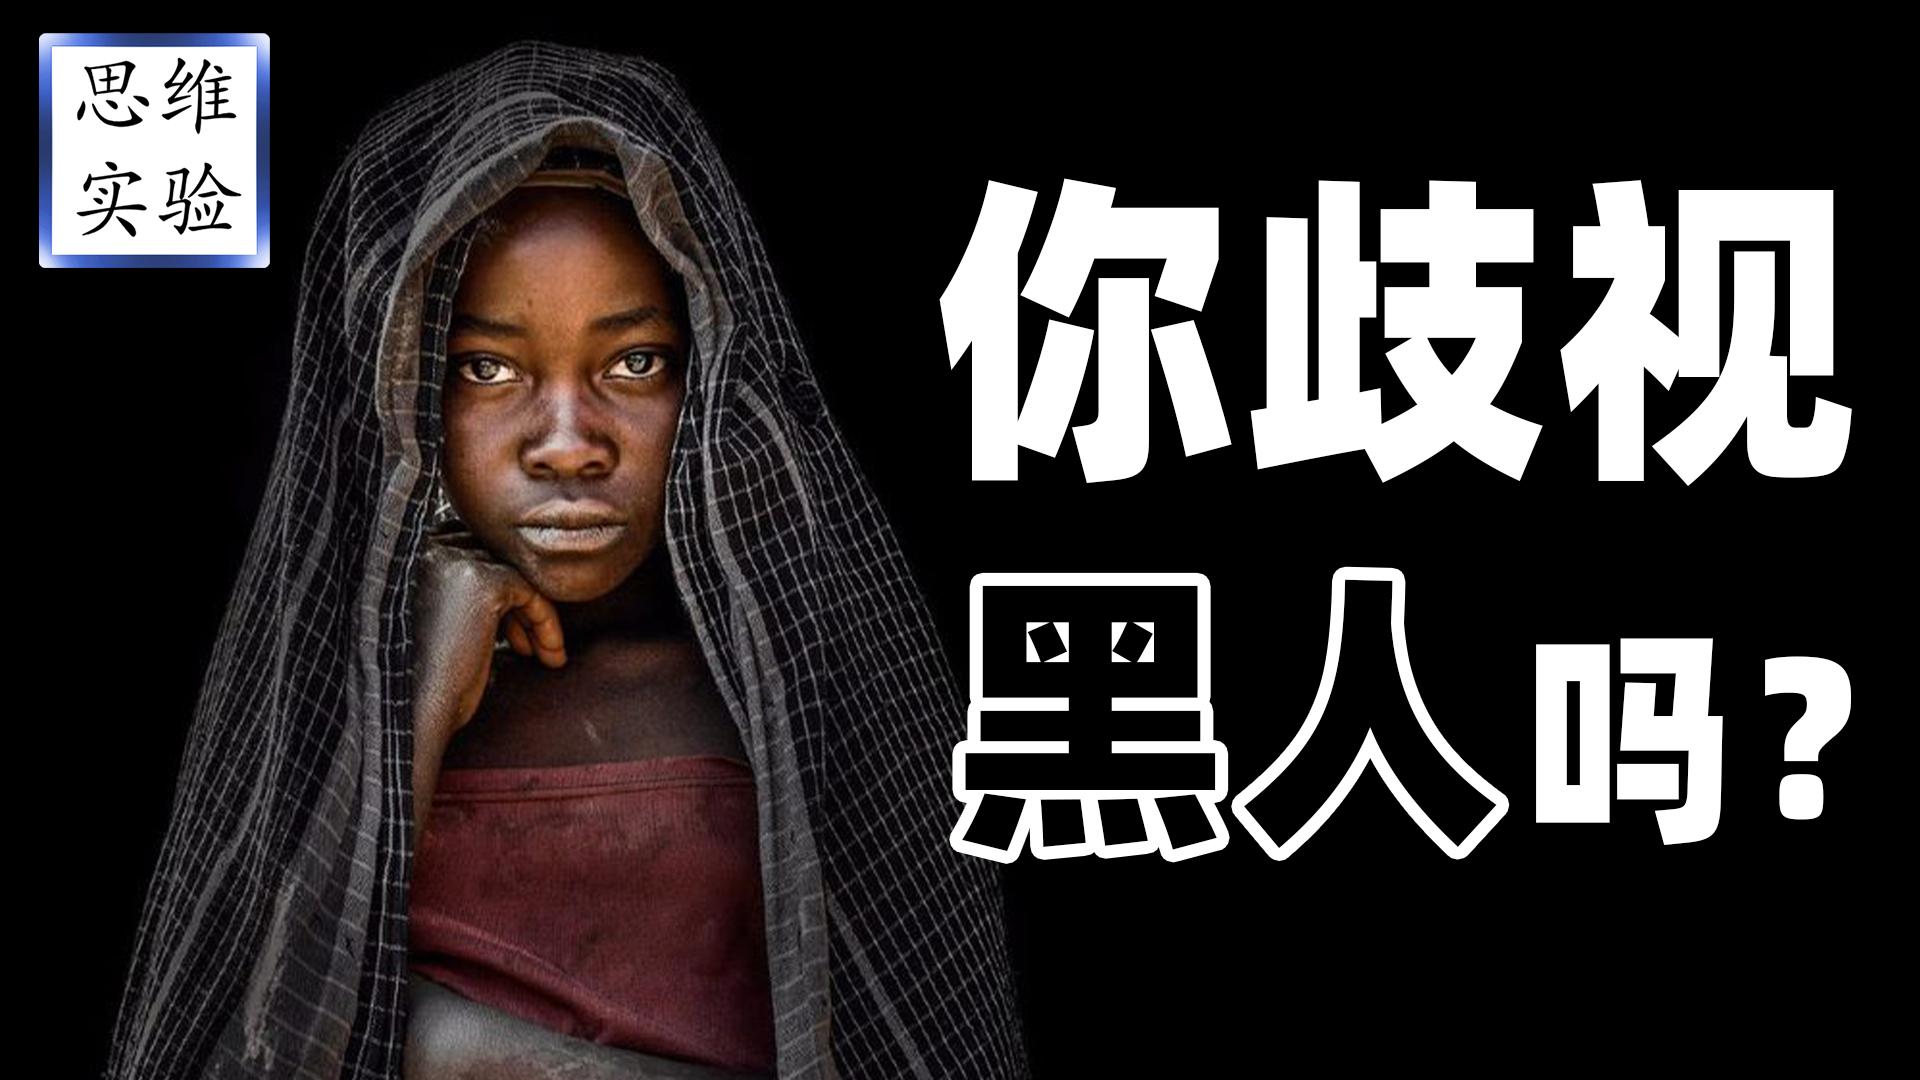 【思维实验室】黑人在美国受歧视,如果来中国你会歧视吗?